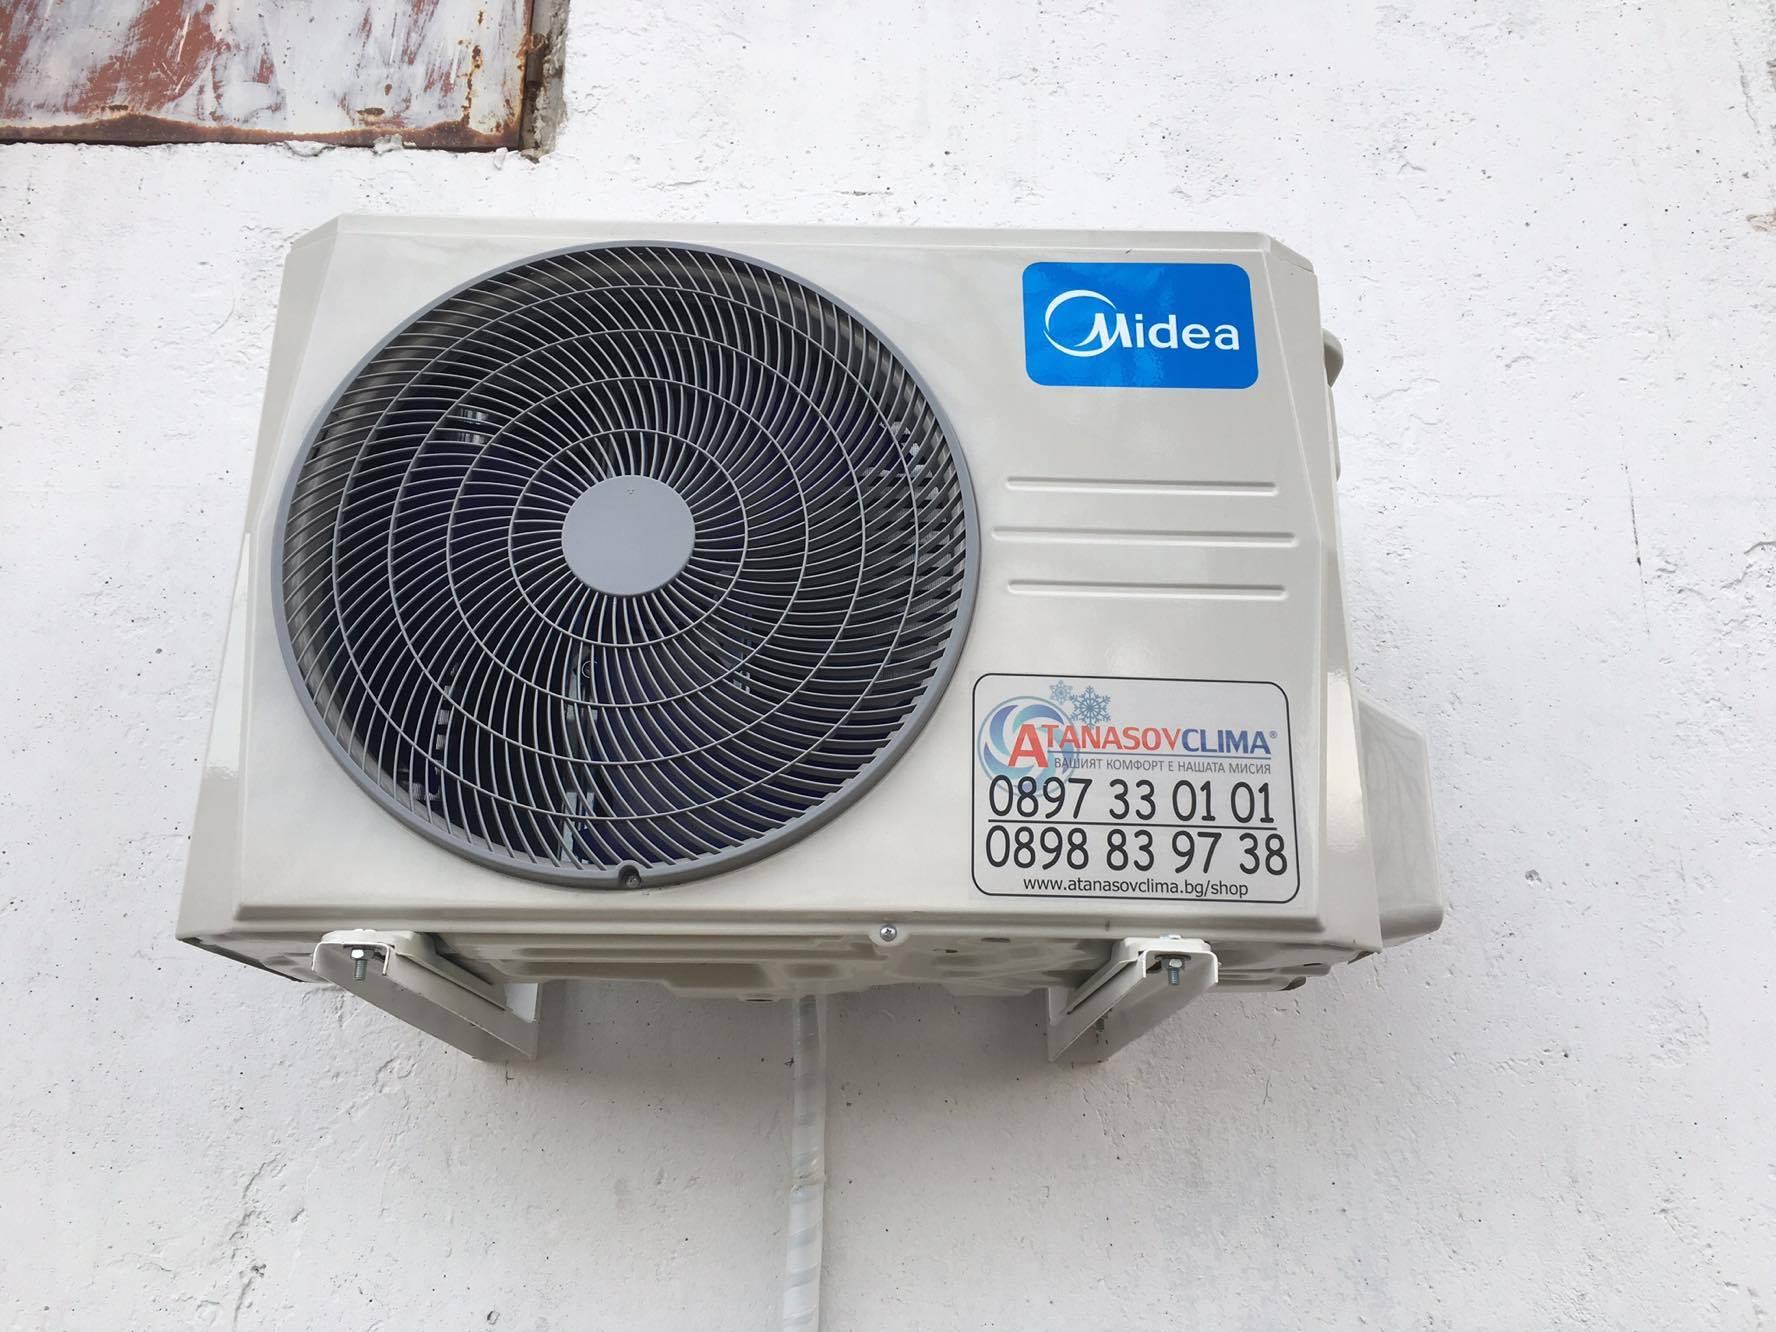 vynshni-tela-klimatizaciq-magazin-5-atanasovclima-ltd